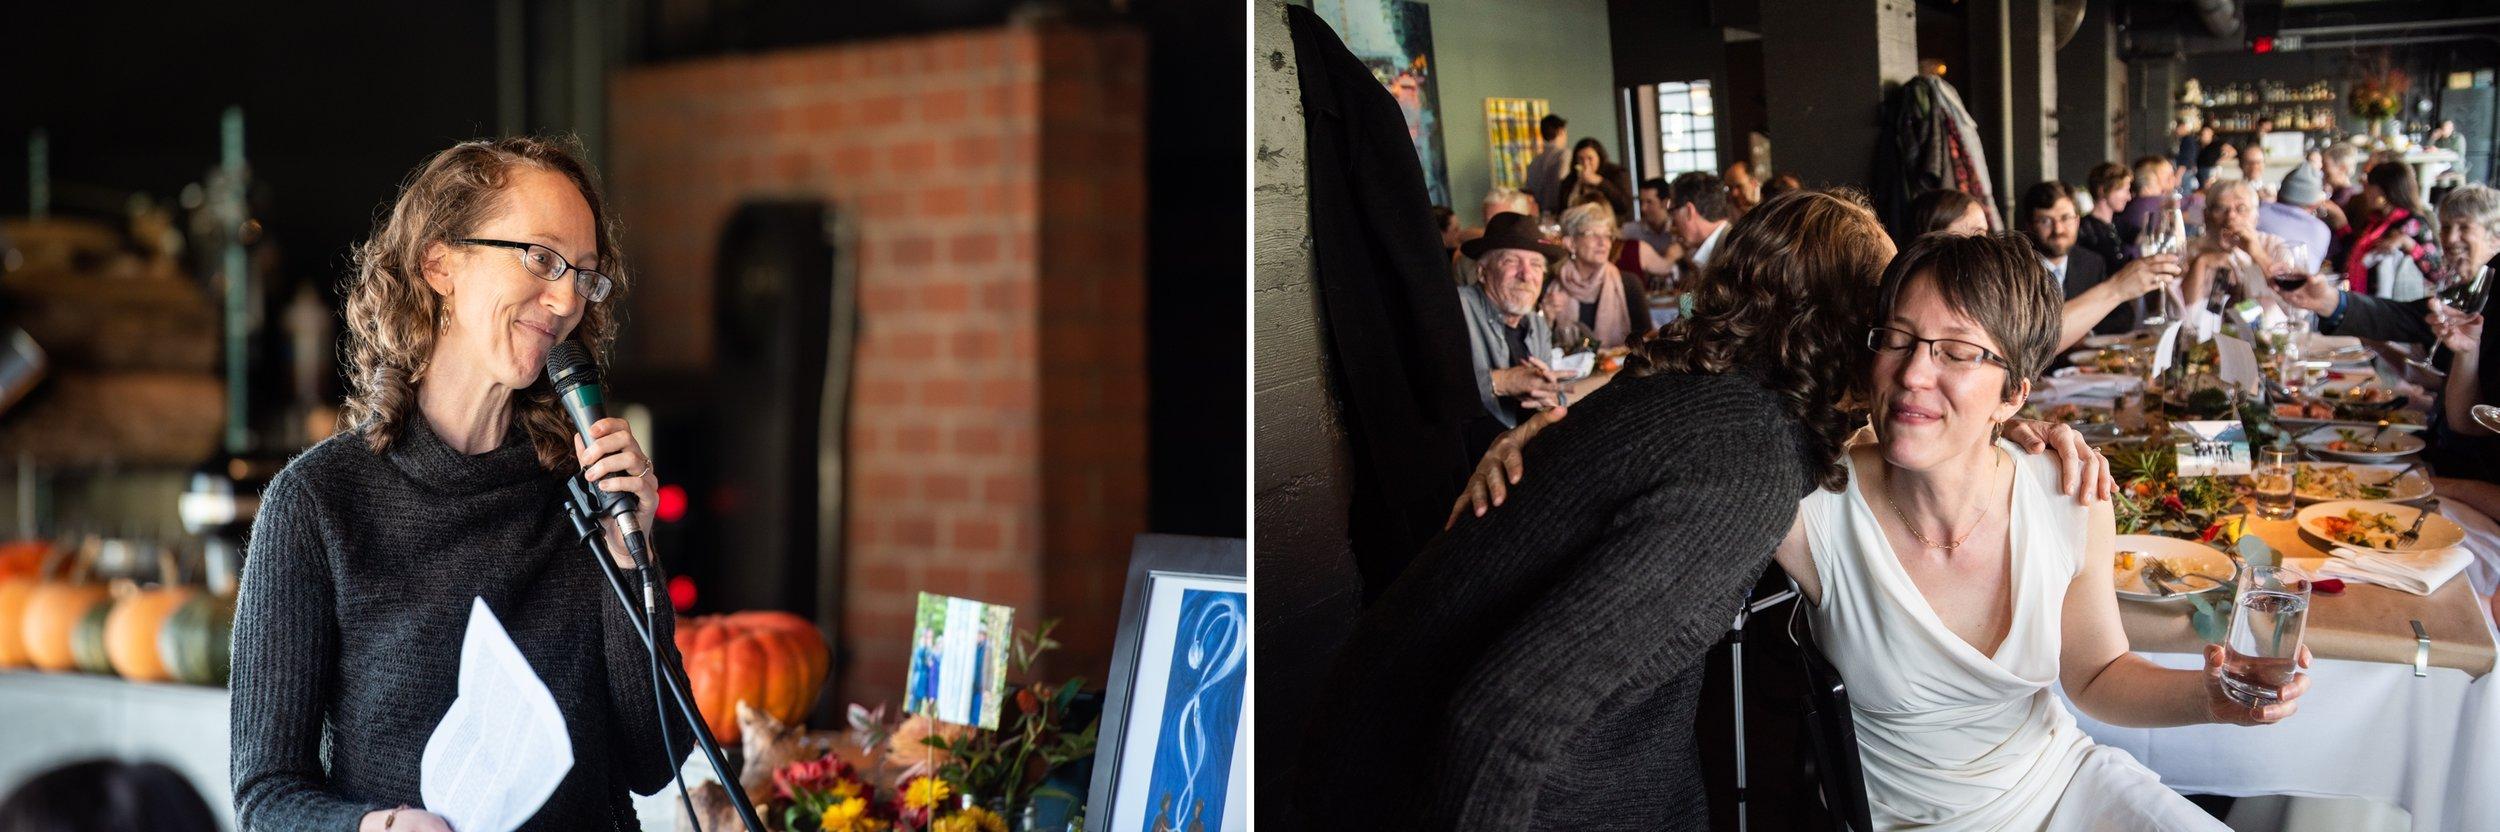 Jeannie + Rebekah wedding 2 18.jpg